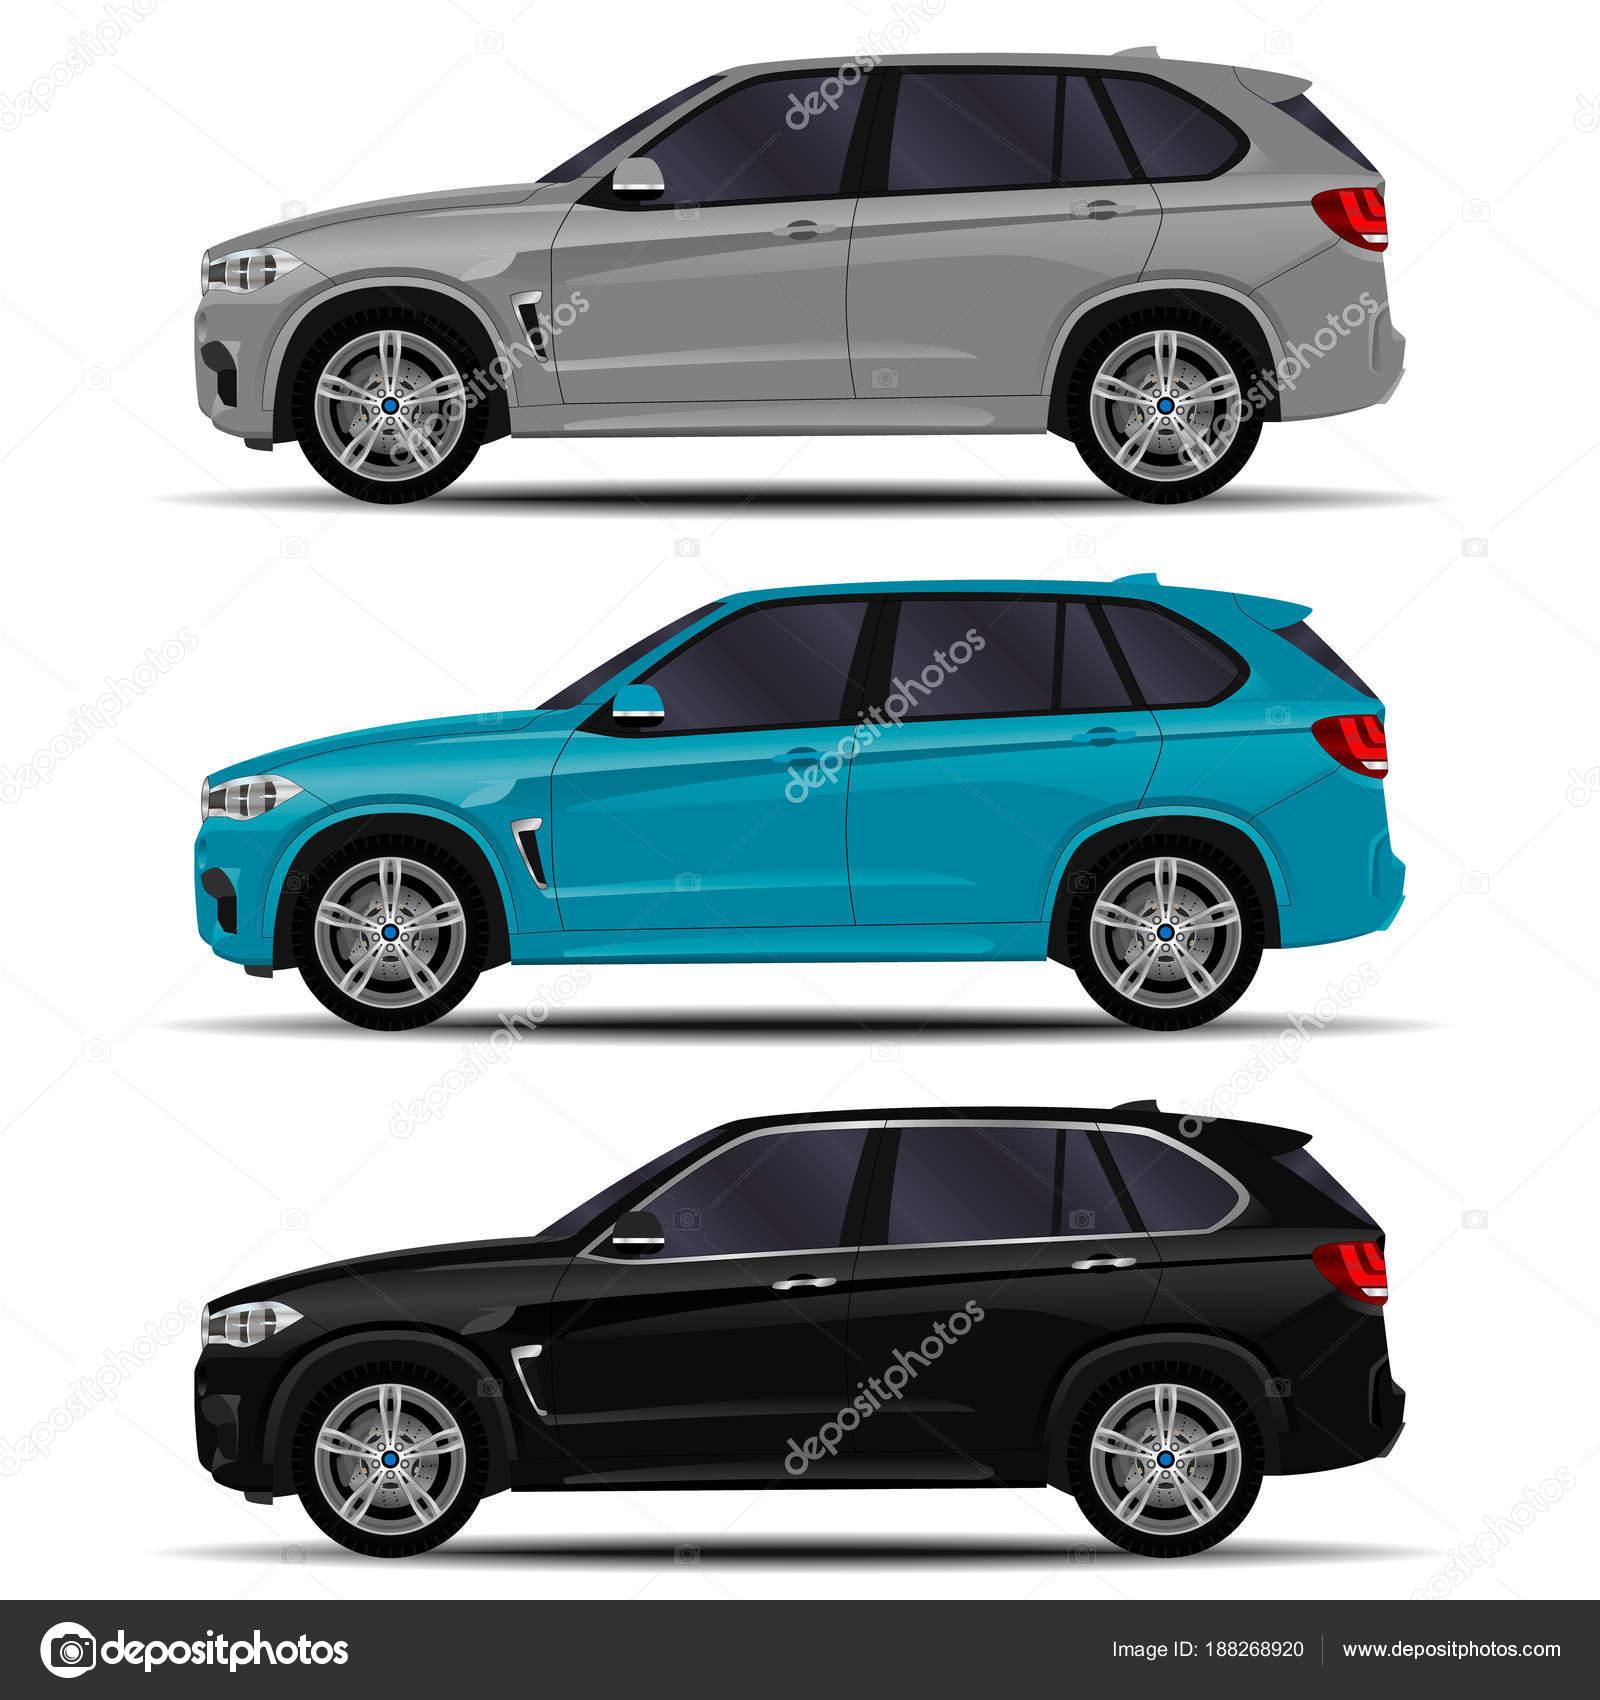 Carros Suv Realista Definido Vista Lateral Vetores De Stock C Chel11 188268920